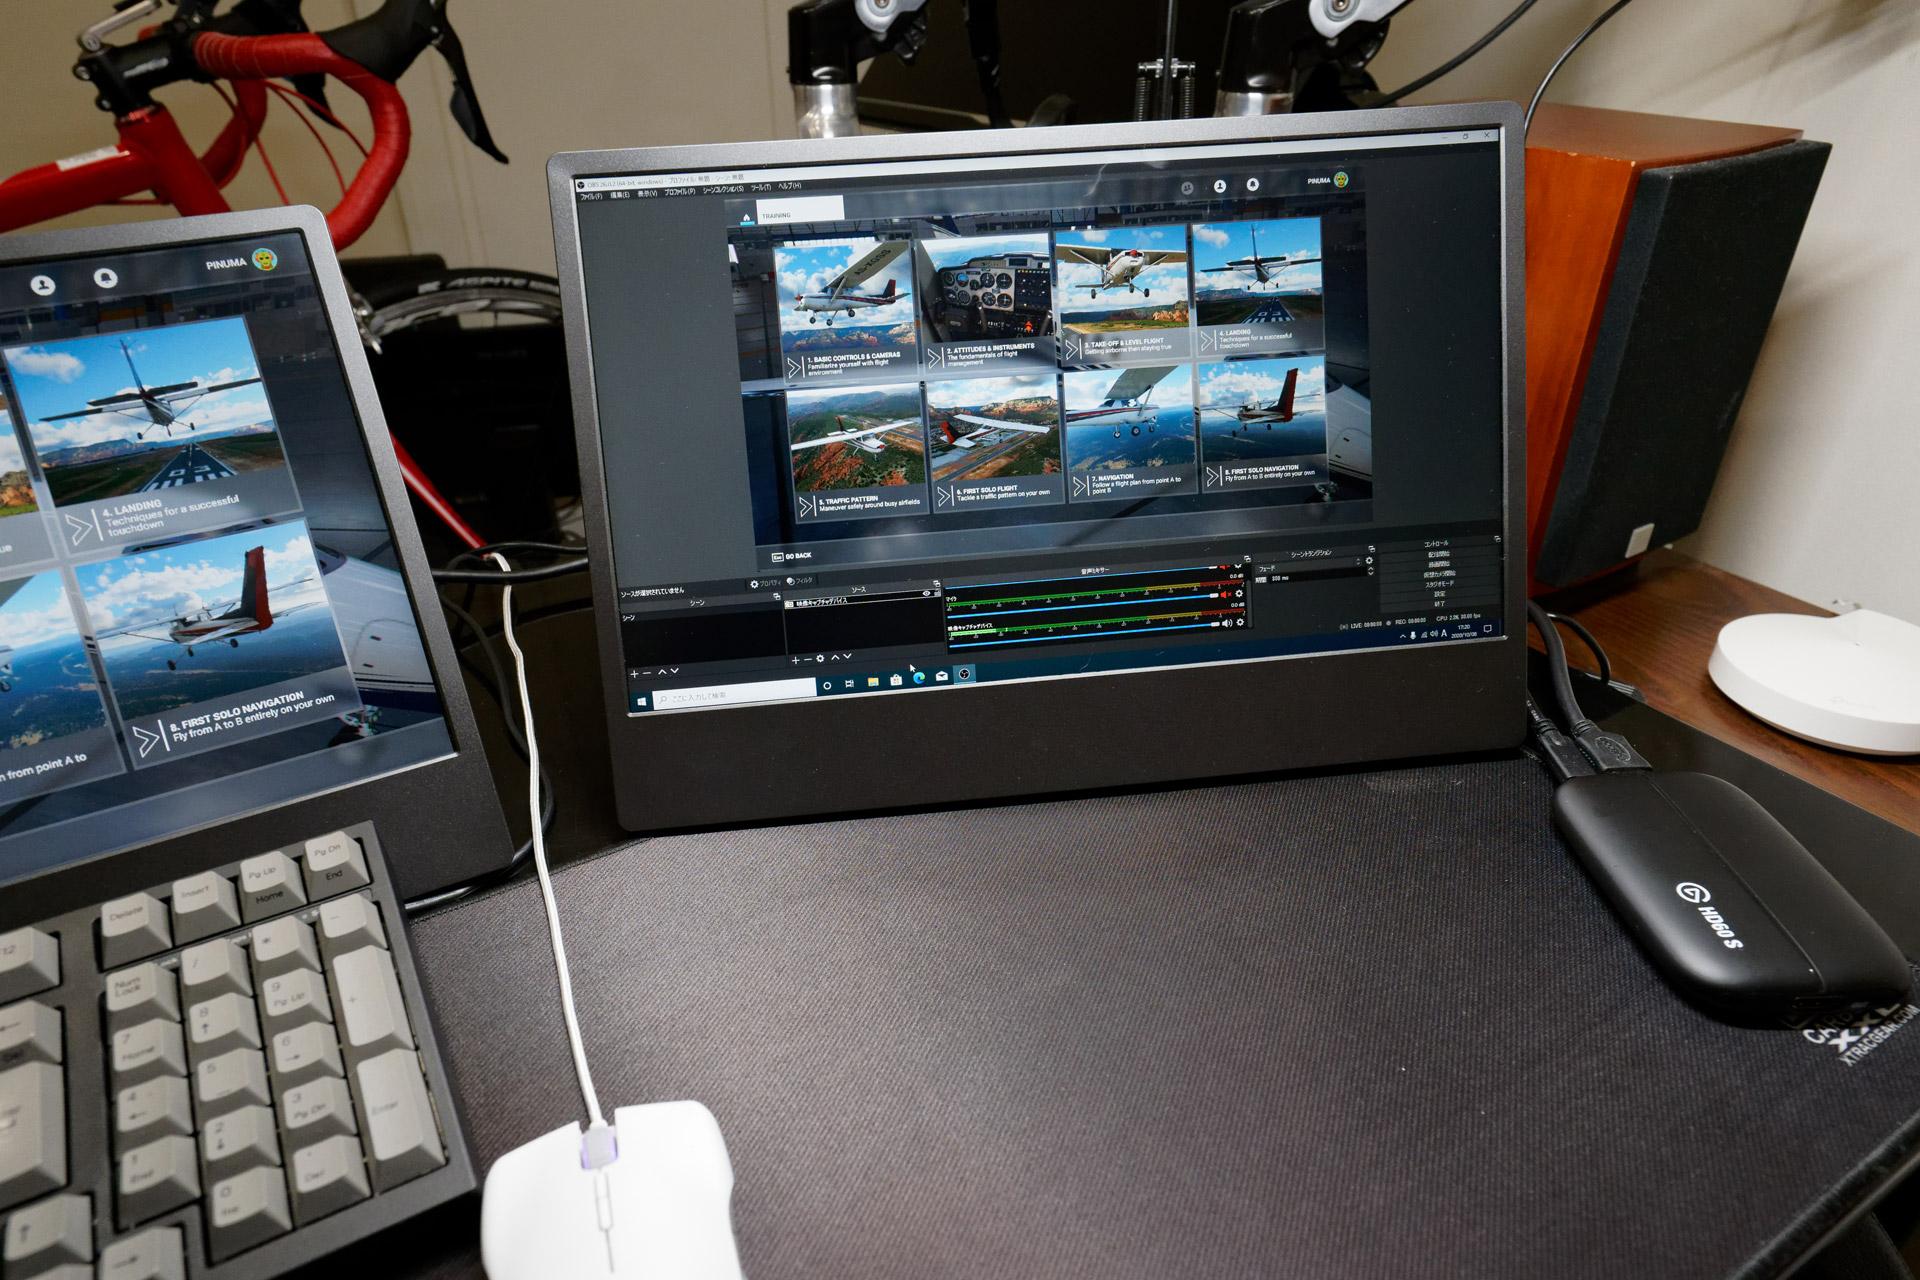 M505Eを経由してキャプチャーデバイスにゲーム画面をHDMI入力する。ここではあえて左側の1台をゲームプレー用に、中央の1台を配信映像確認用にしているが、キャプチャーデバイスには左側のM505Eから入力させている